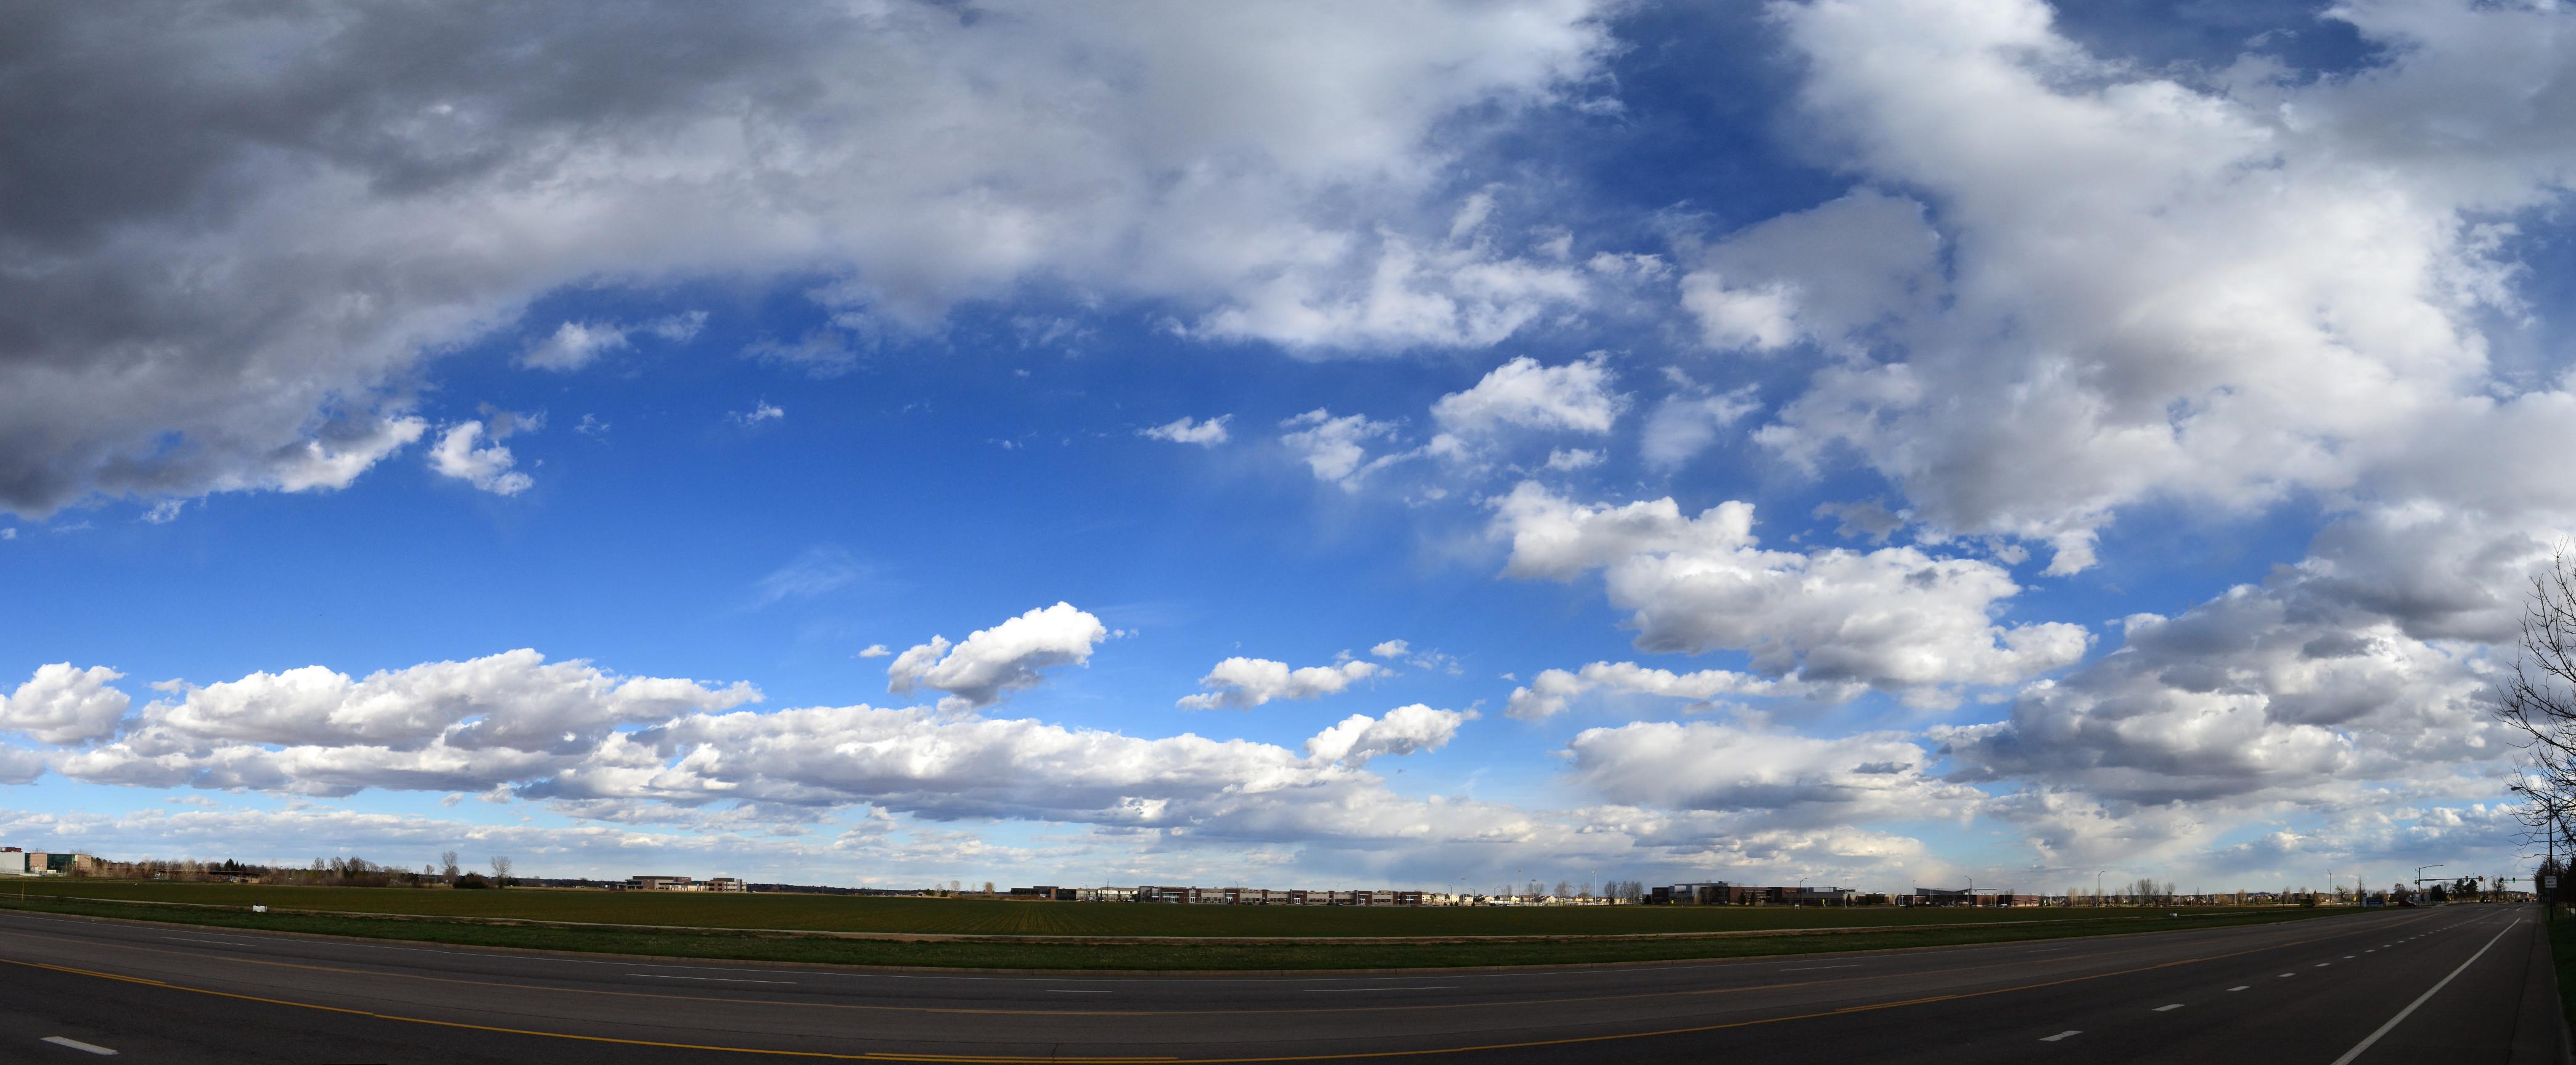 Pictures Of Colorado >> 2015-03-26 - Stratus | Colorado Cloud Pictures